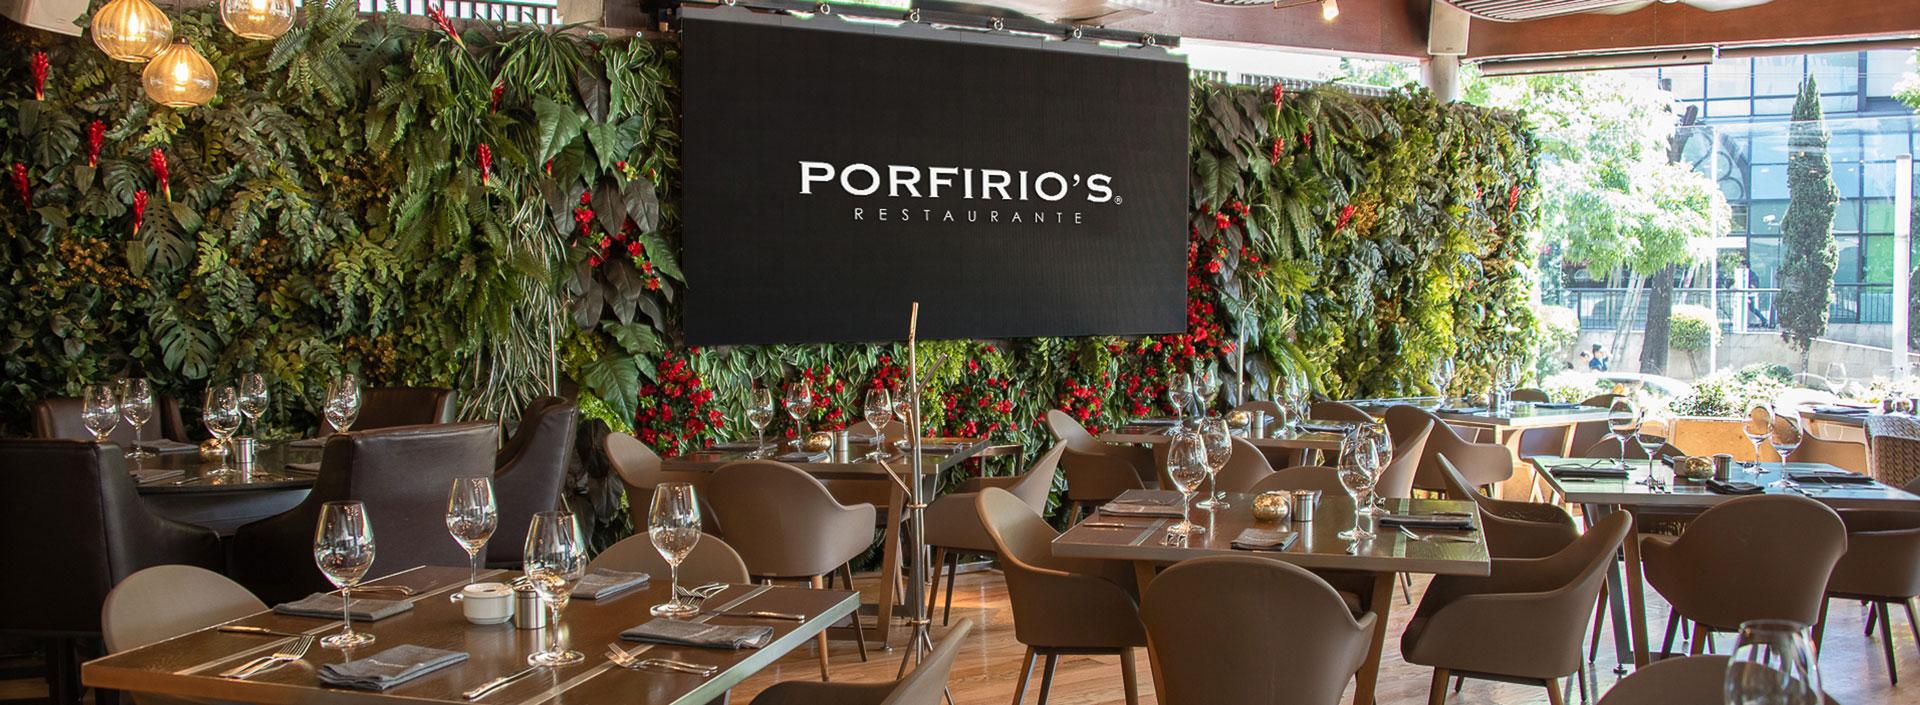 Porfiros-el-mejor-restaurante-de-comida-mexicana-en-altavista